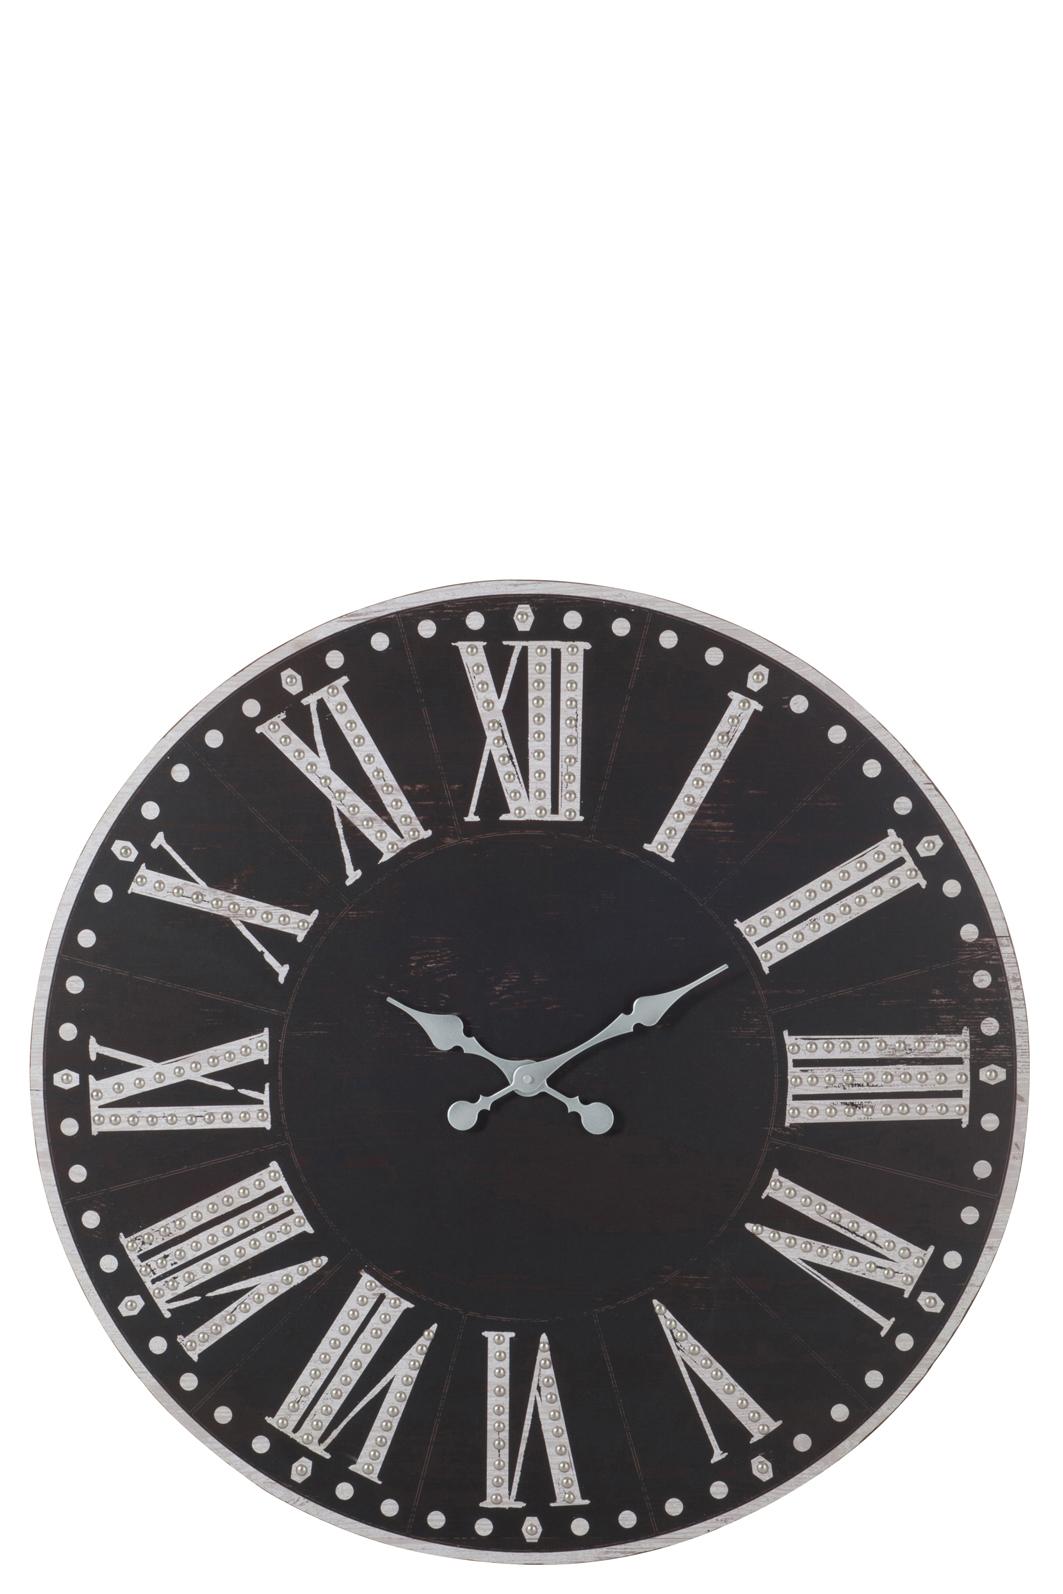 Horloge deco jolipa chiffres romains metal noir blanc bois for Horloge metal noir